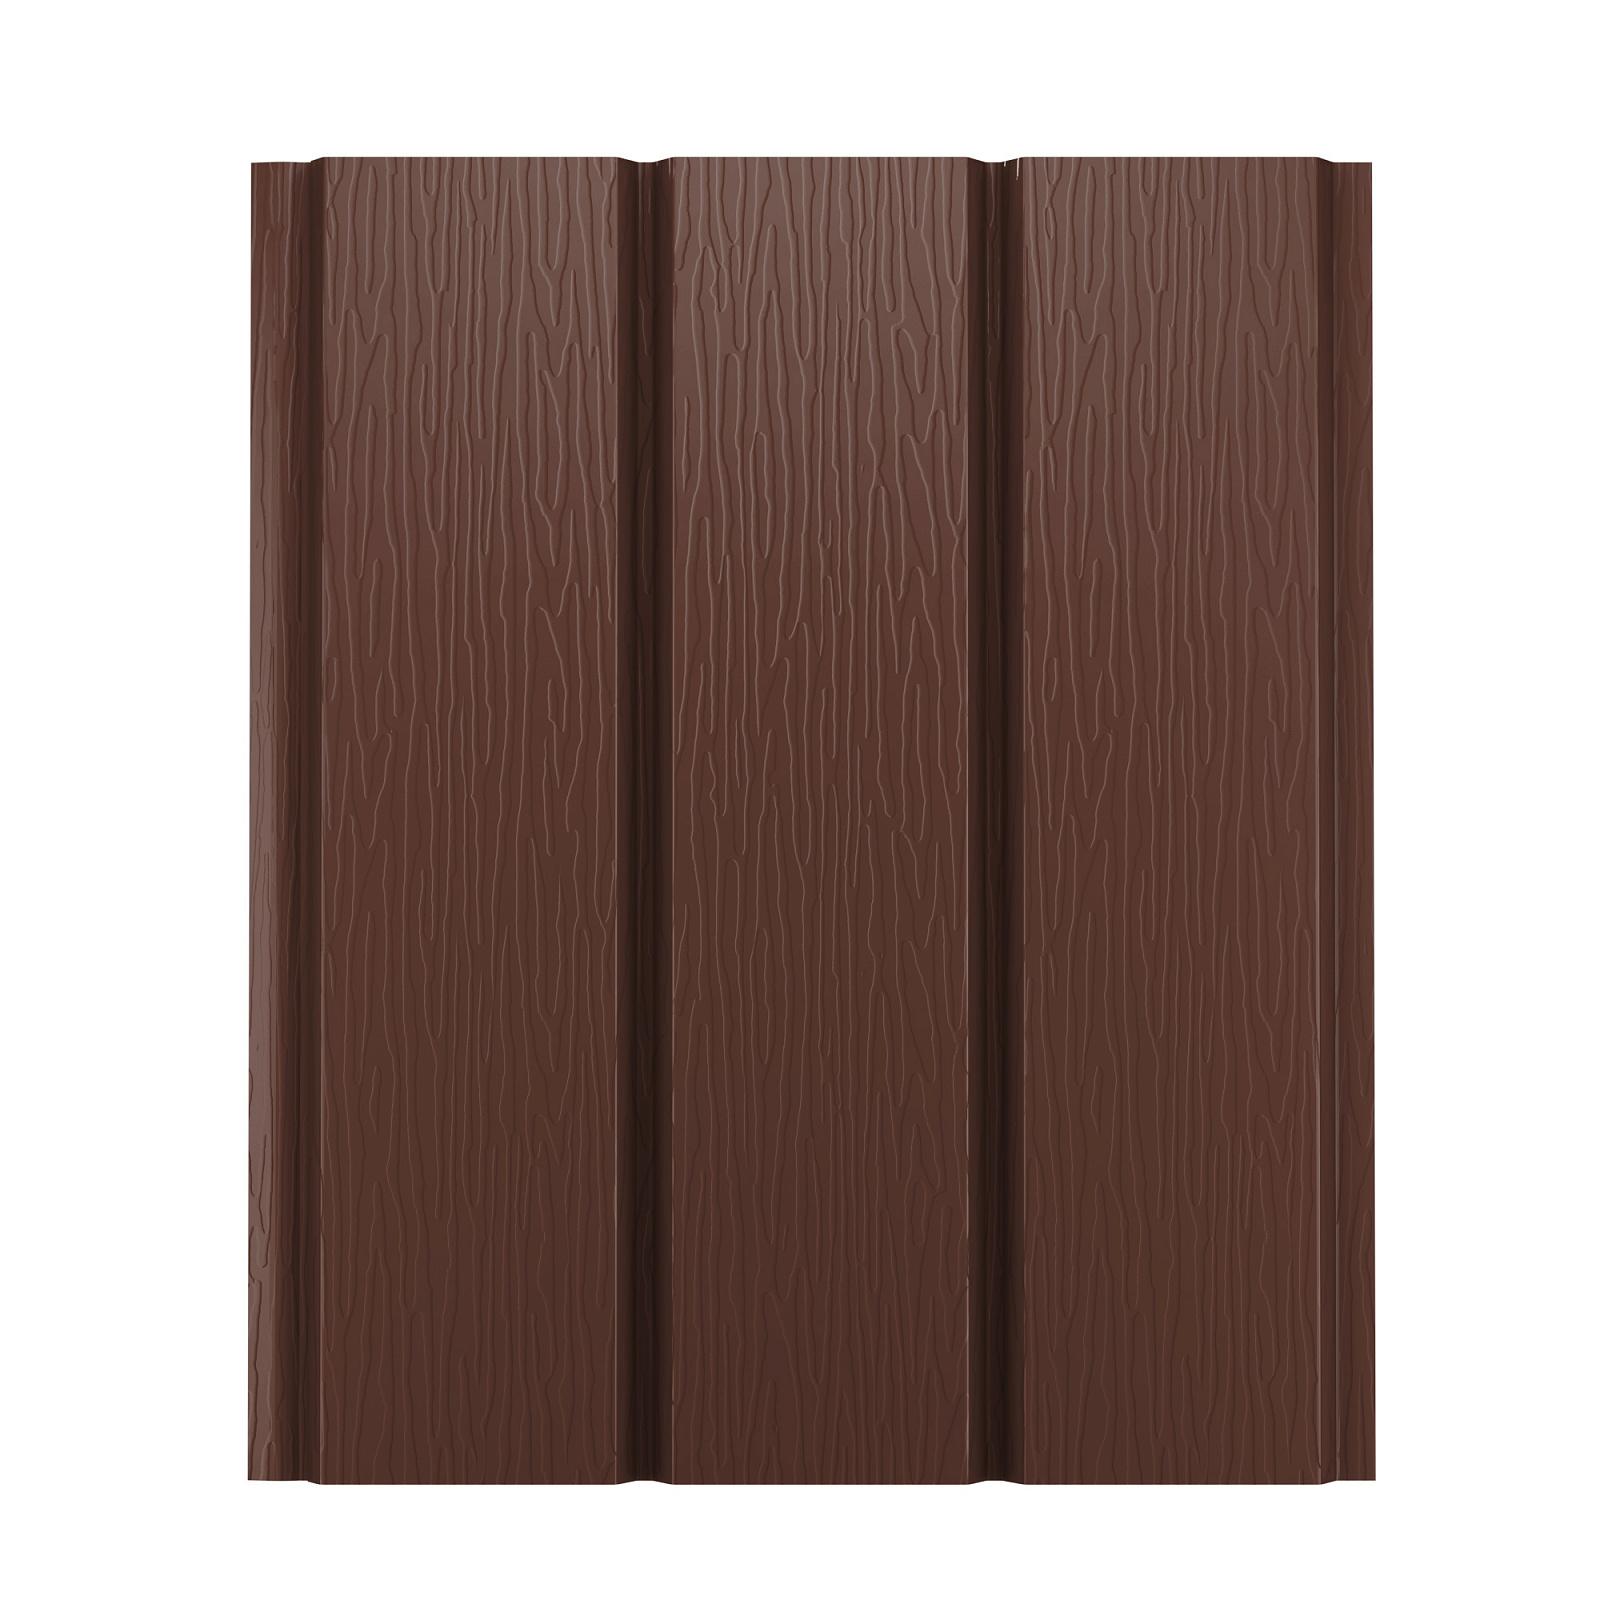 Софит металлический AquaSystem без перфорации Pural 275 г/м2, 2,4 м коричневый RAL 8017